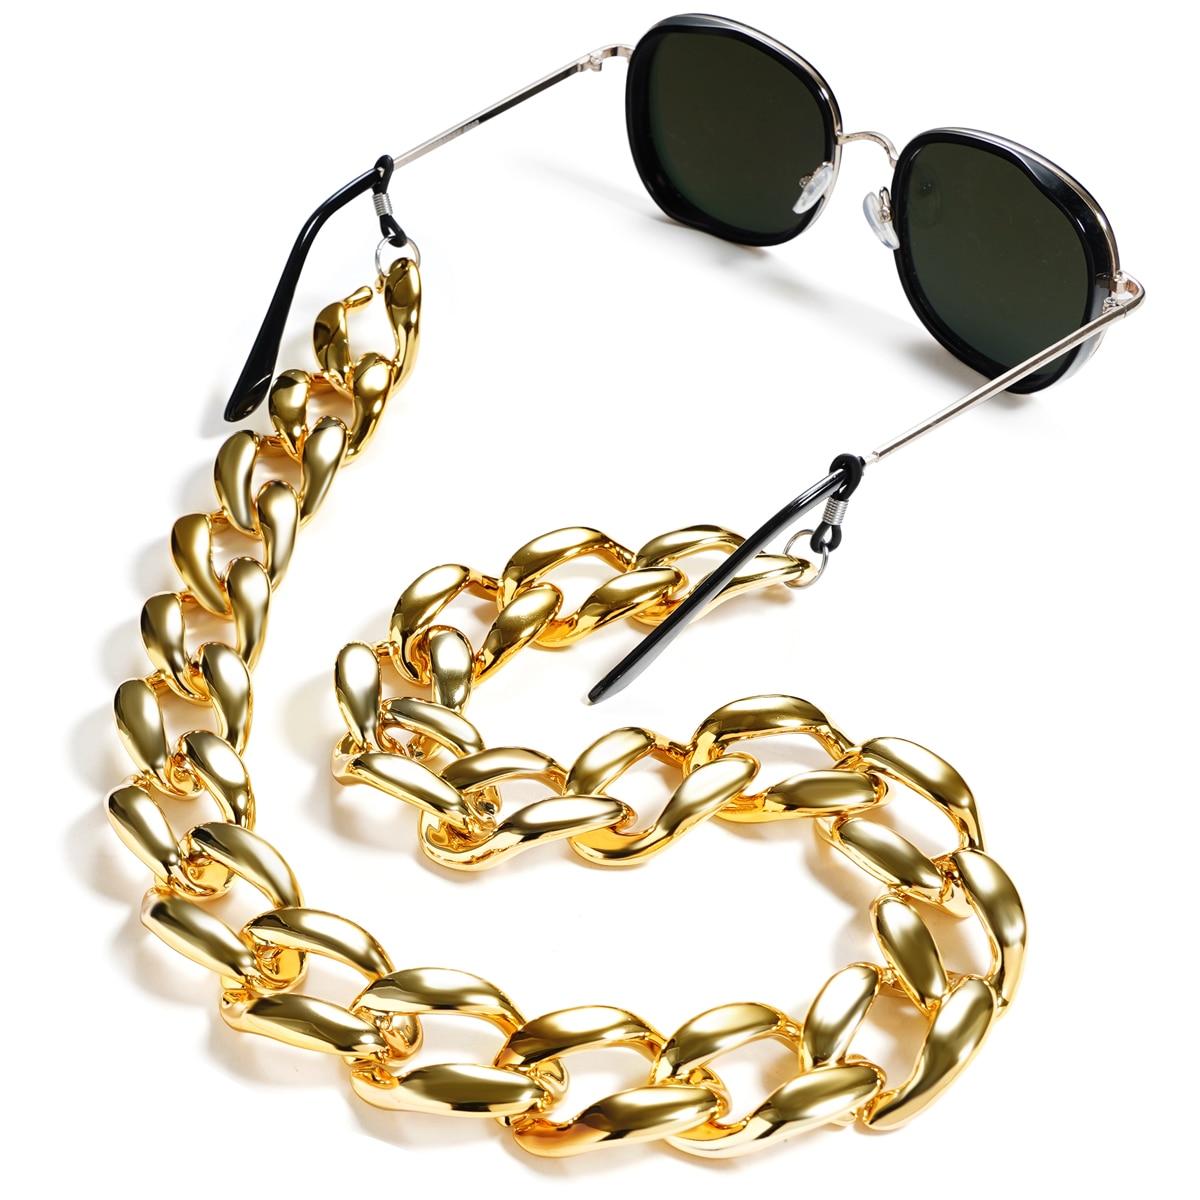 Acrílico óculos corrente colhedores mate cor ouro óculos de leitura pendurado pescoço correntes óculos de sol cinta correntes